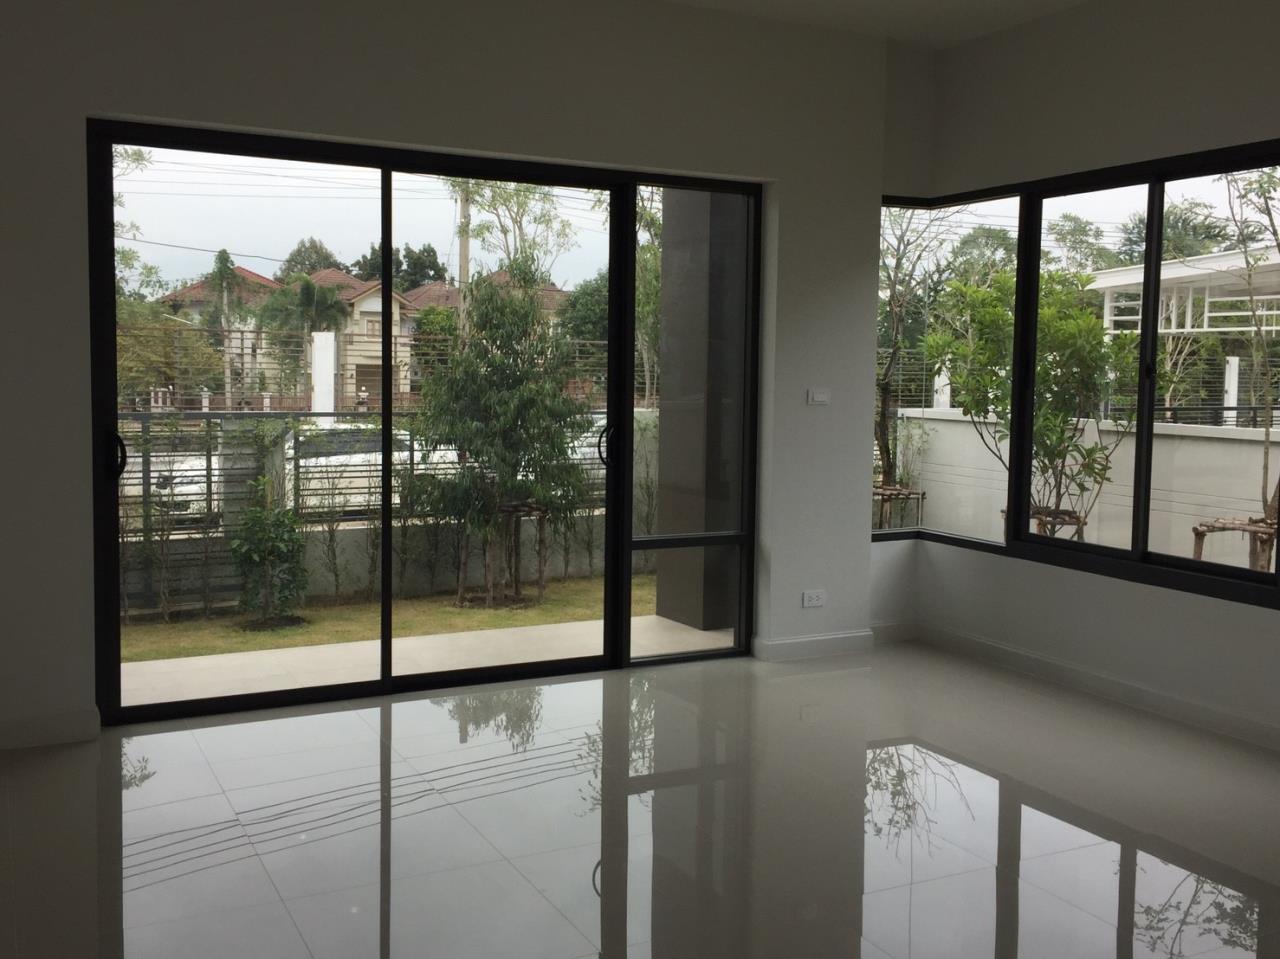 ขาย บ้าน แขวงศาลาธรรมสพน์ เขตทวีวัฒนา กรุงเทพมหานคร, ภาพที่ 5